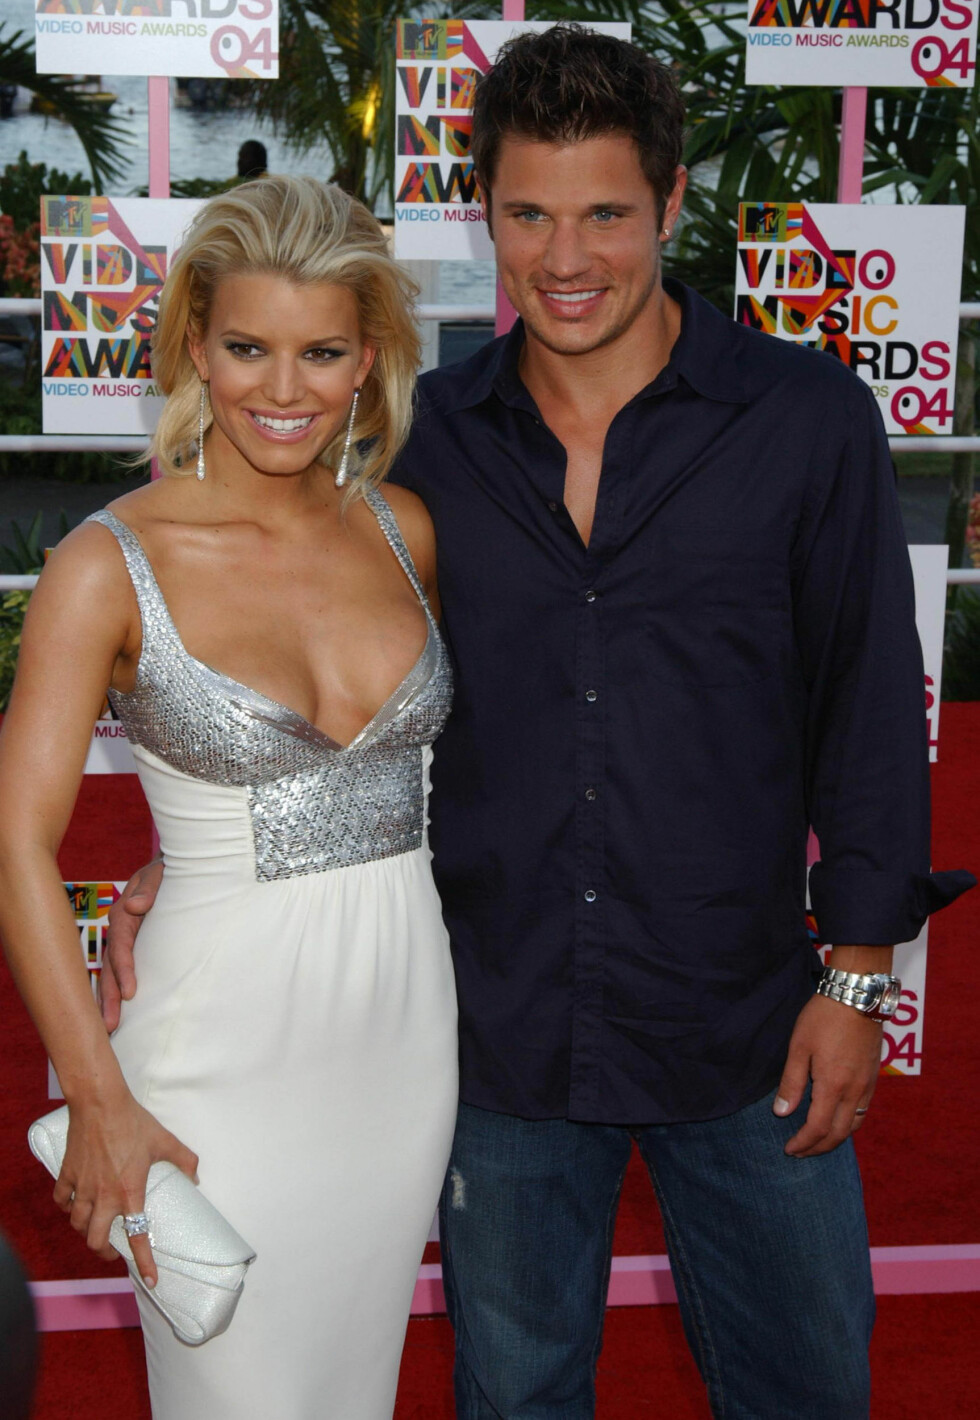 """Jessica Simpson og Nick Lachey hadde sitt eget realityprogram da de var gift, """"Newlyweds"""", men kjærligheten tok slutt i 2006. Foto: Scanpix"""